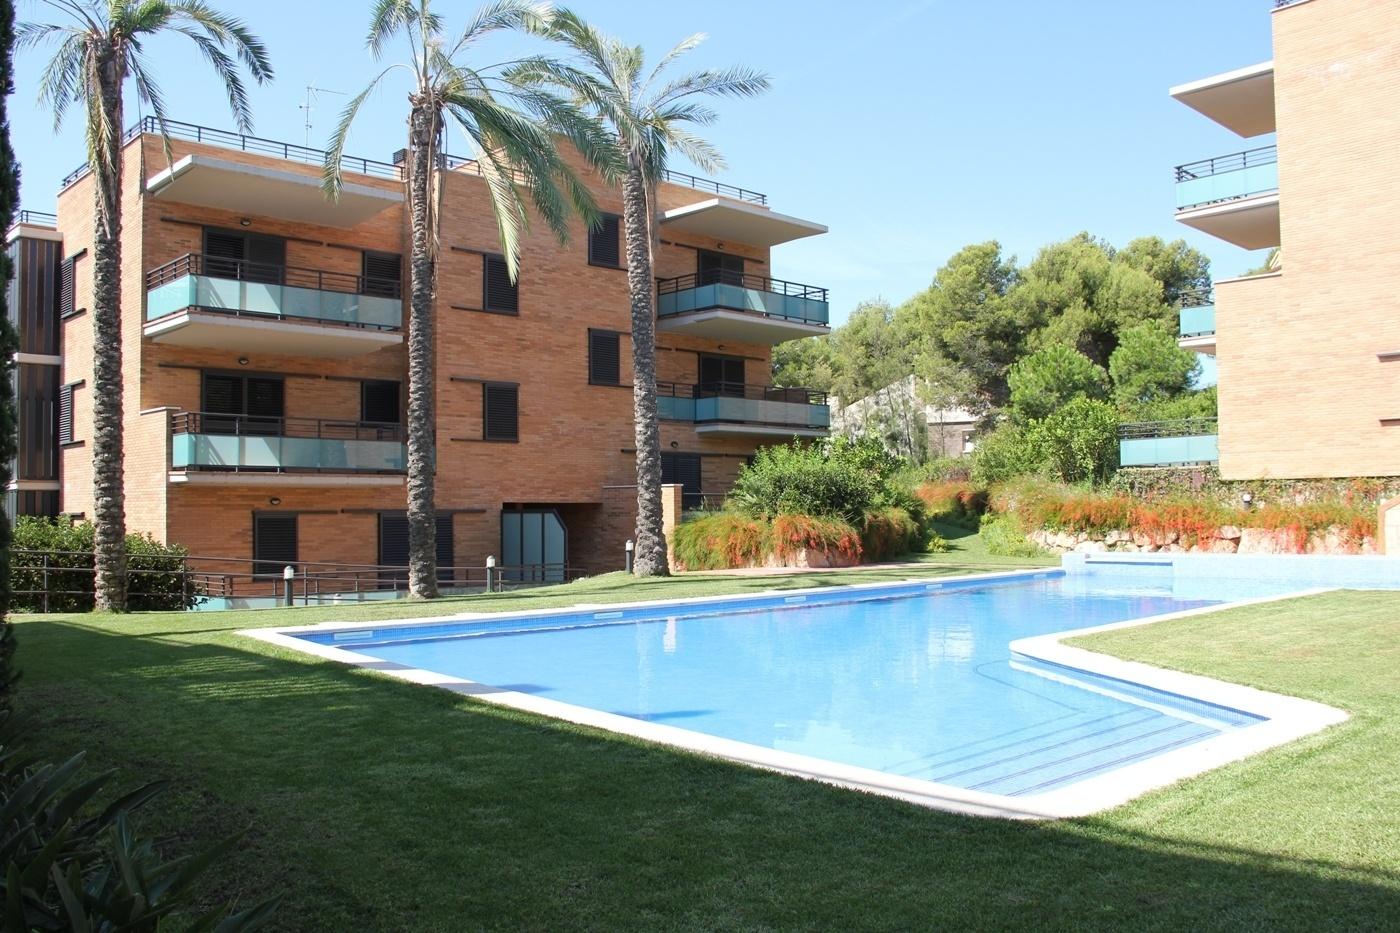 Afiliados al sector turístico bajan un 2,2 por ciento en La Rioja en septiembre